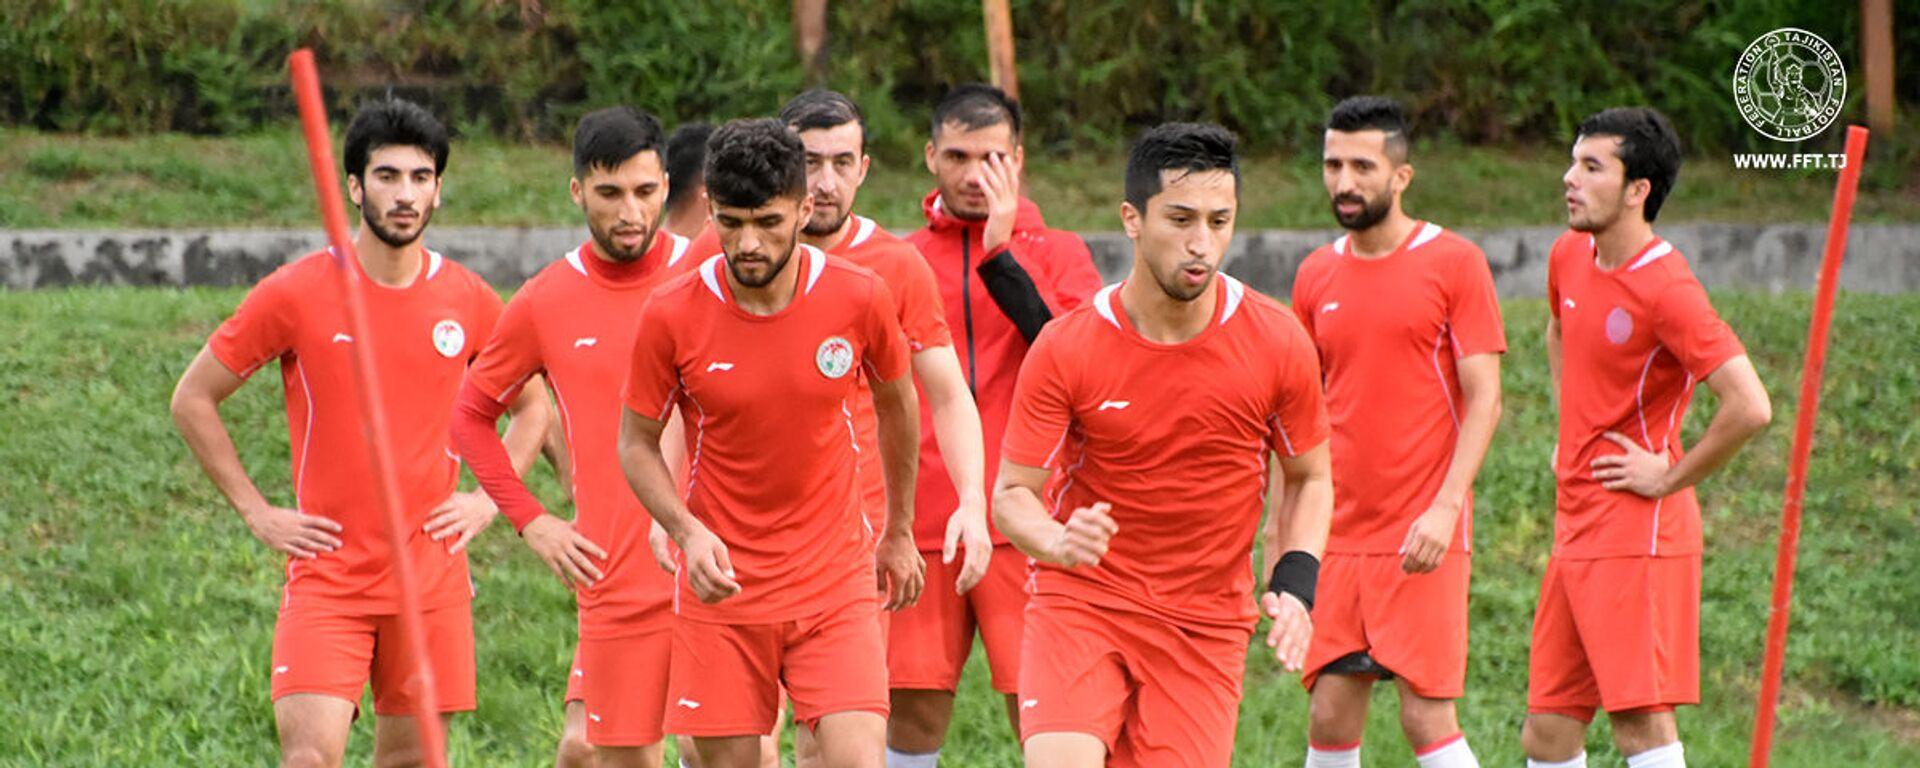 Национальная сборная Таджикистана провела заключительную тренировку в Куала-Лумпуре - Sputnik Таджикистан, 1920, 30.09.2021